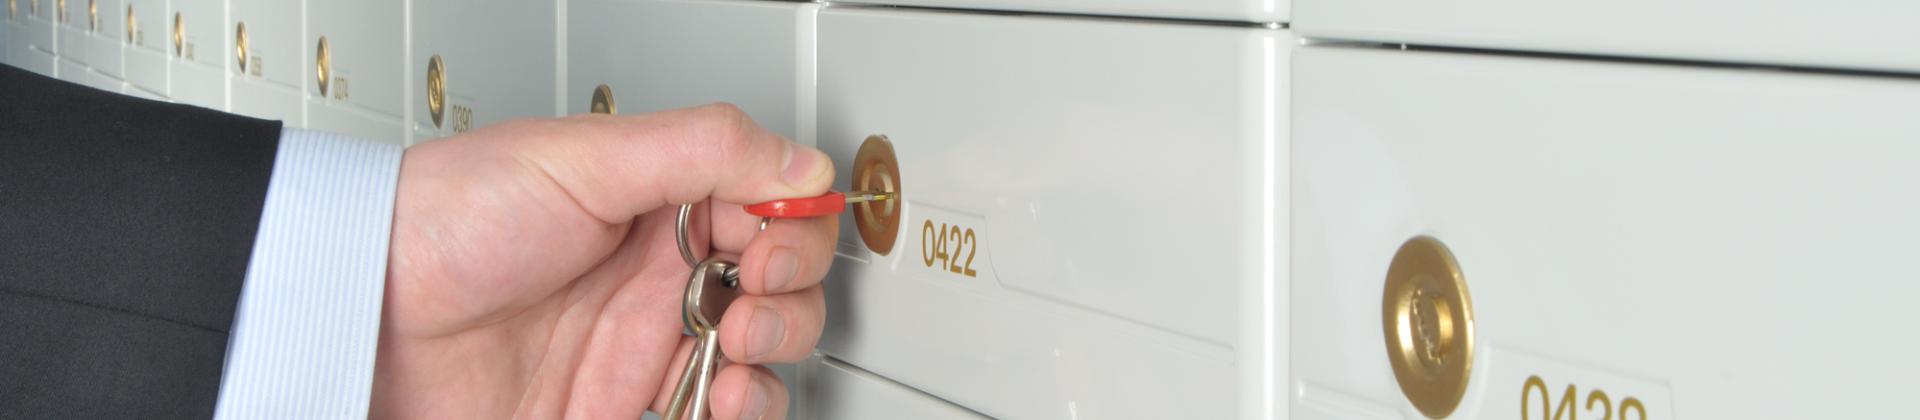 Утилизация сейфов и банкоматов